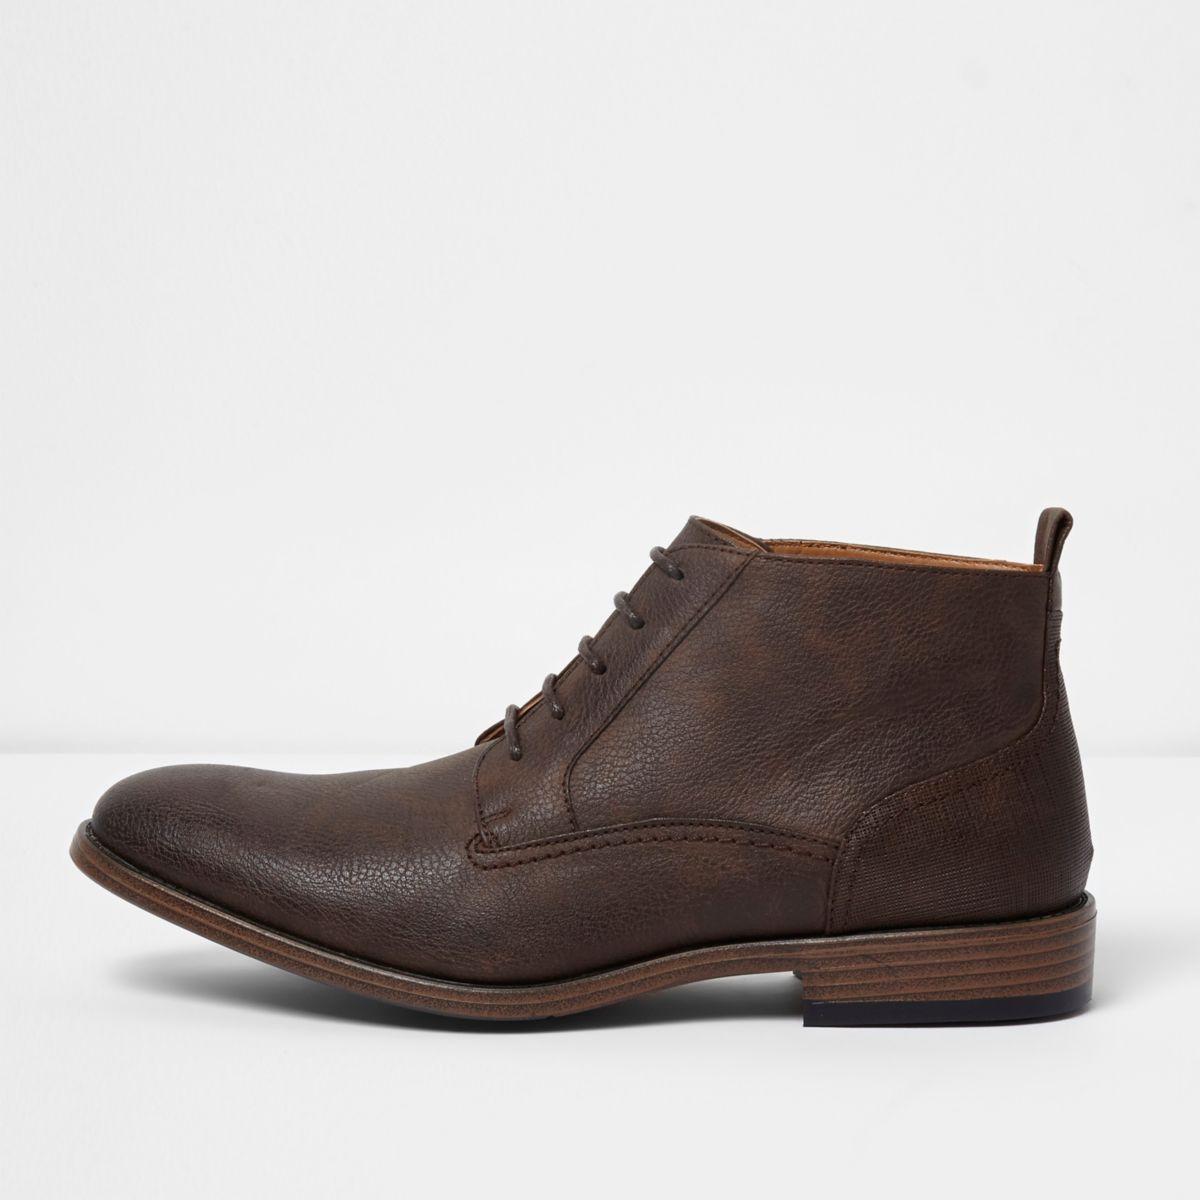 Dark brown chukka boots